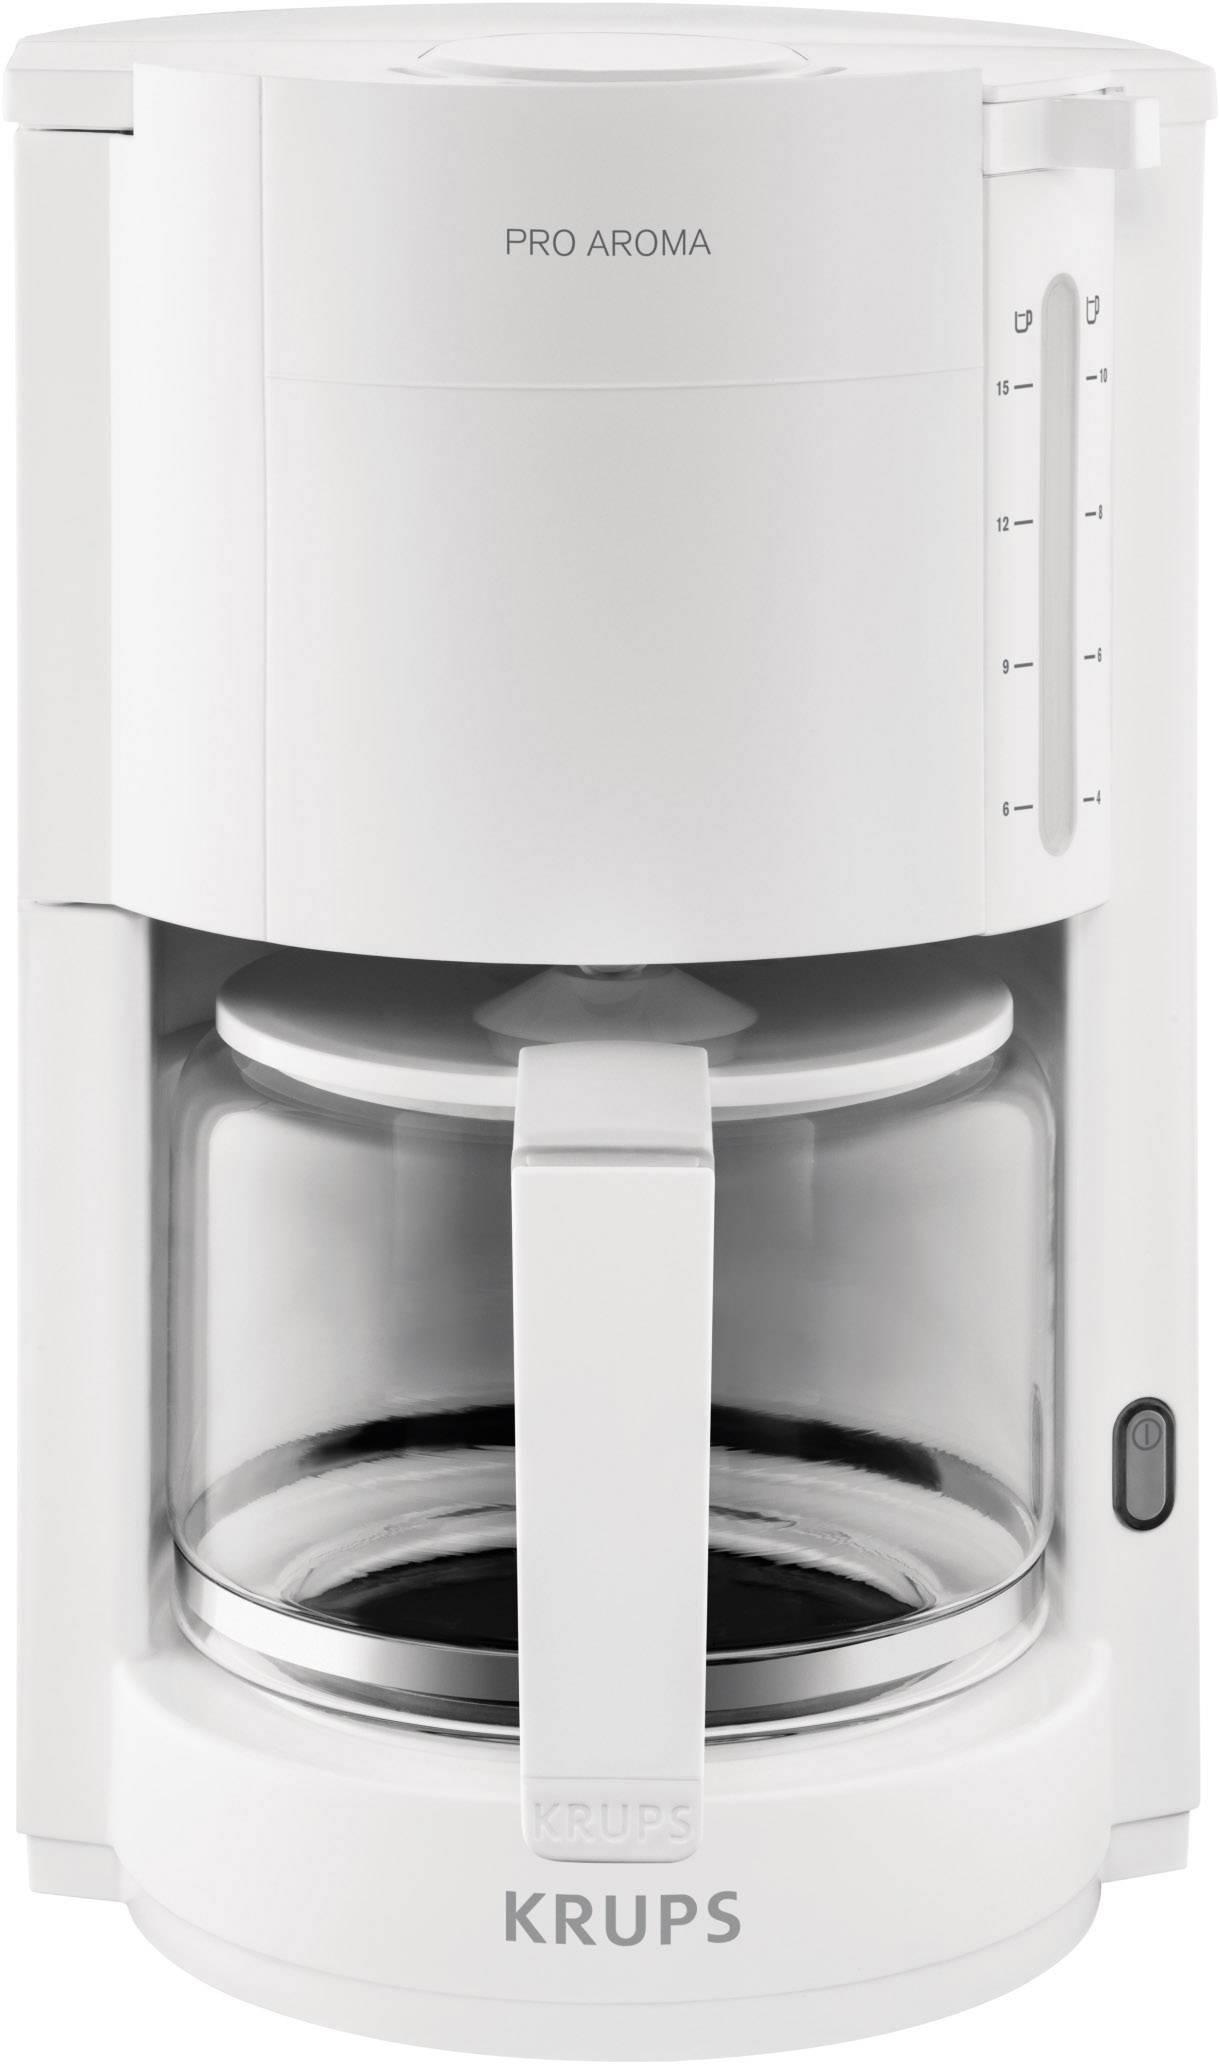 Krups Fassungsvermögen 15 Kaffeemaschine Tassen Proaroma Weiß BeWEdoQxrC